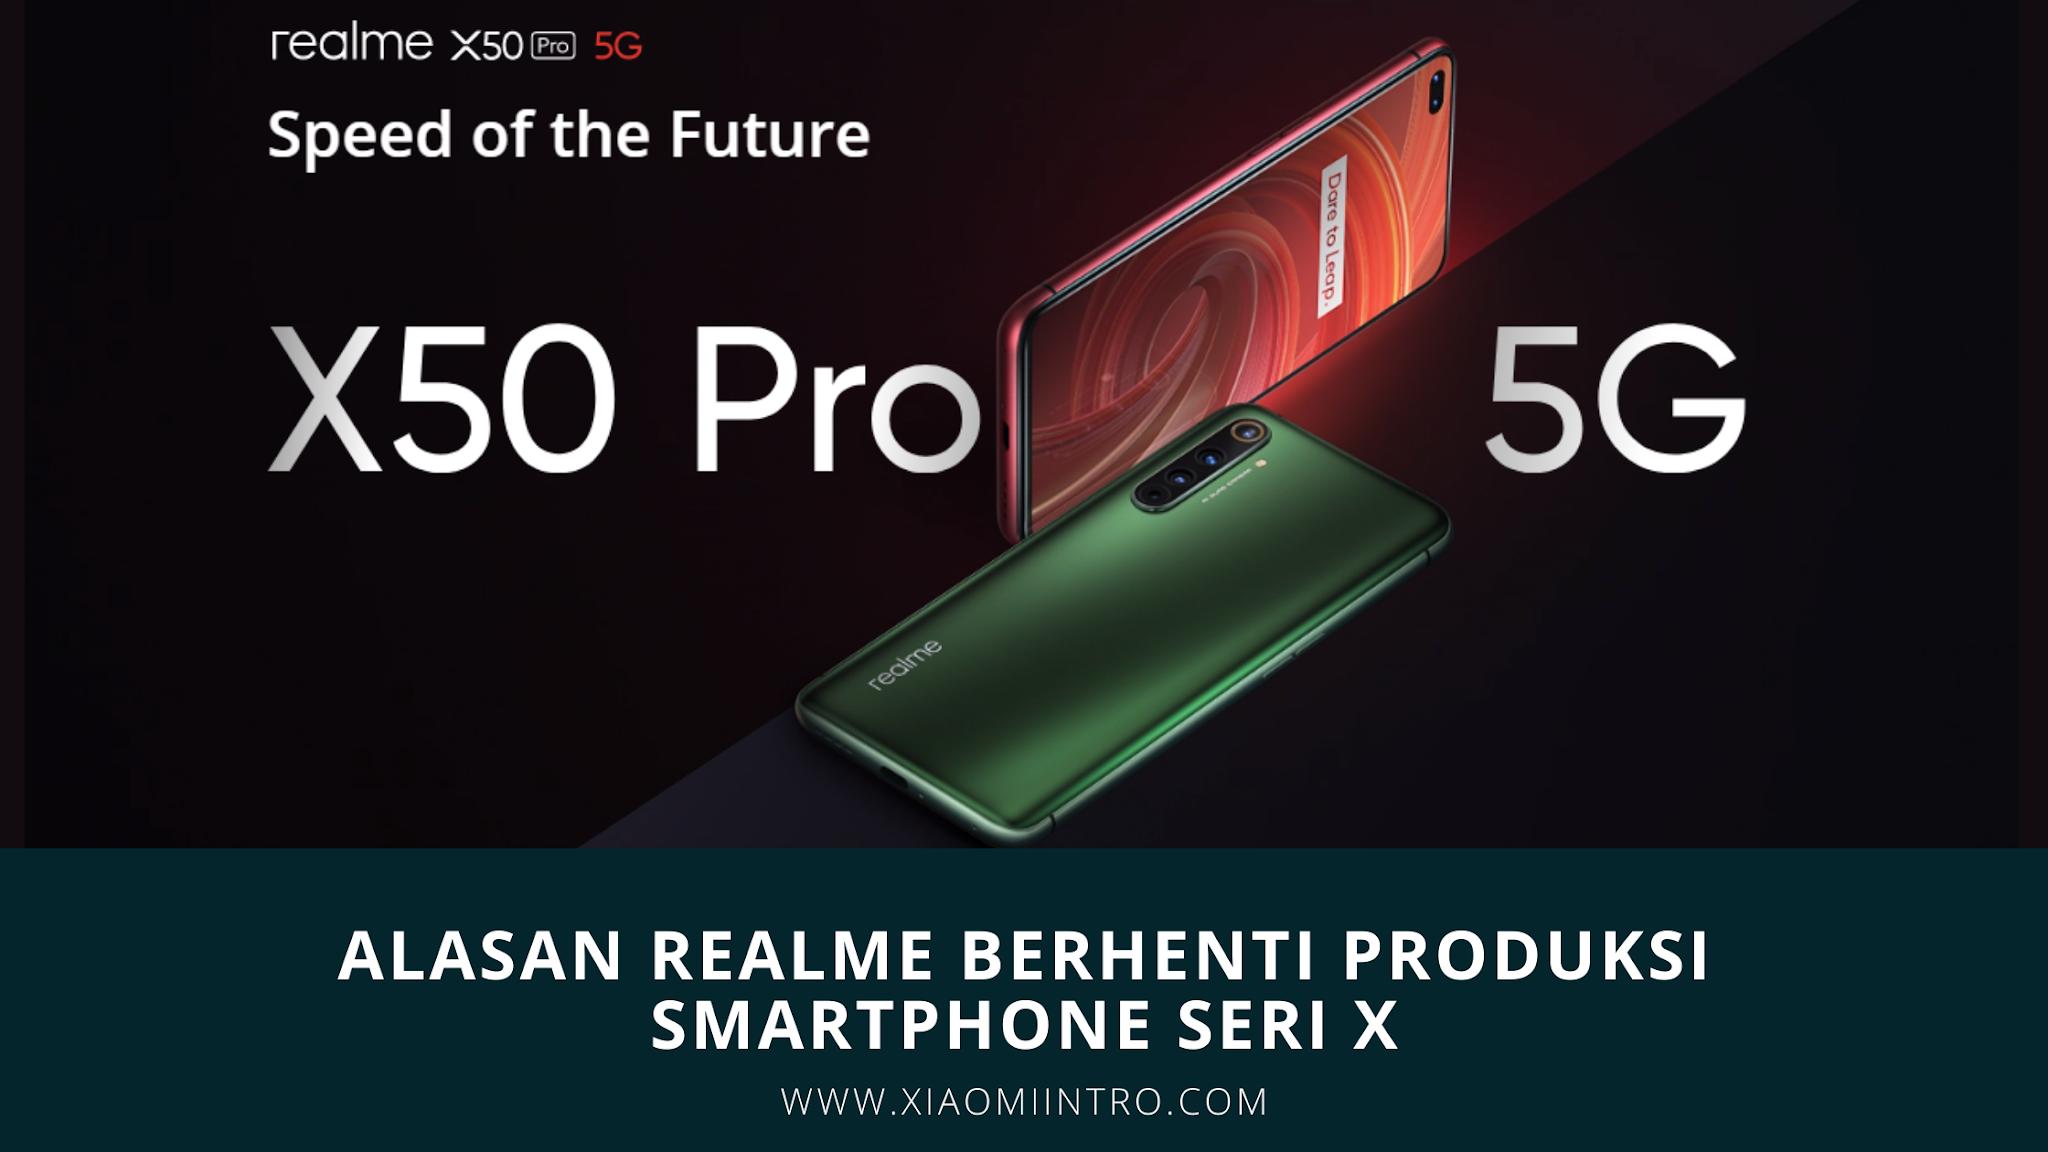 Alasan Realme Berhenti Produksi SMartphone Seri X